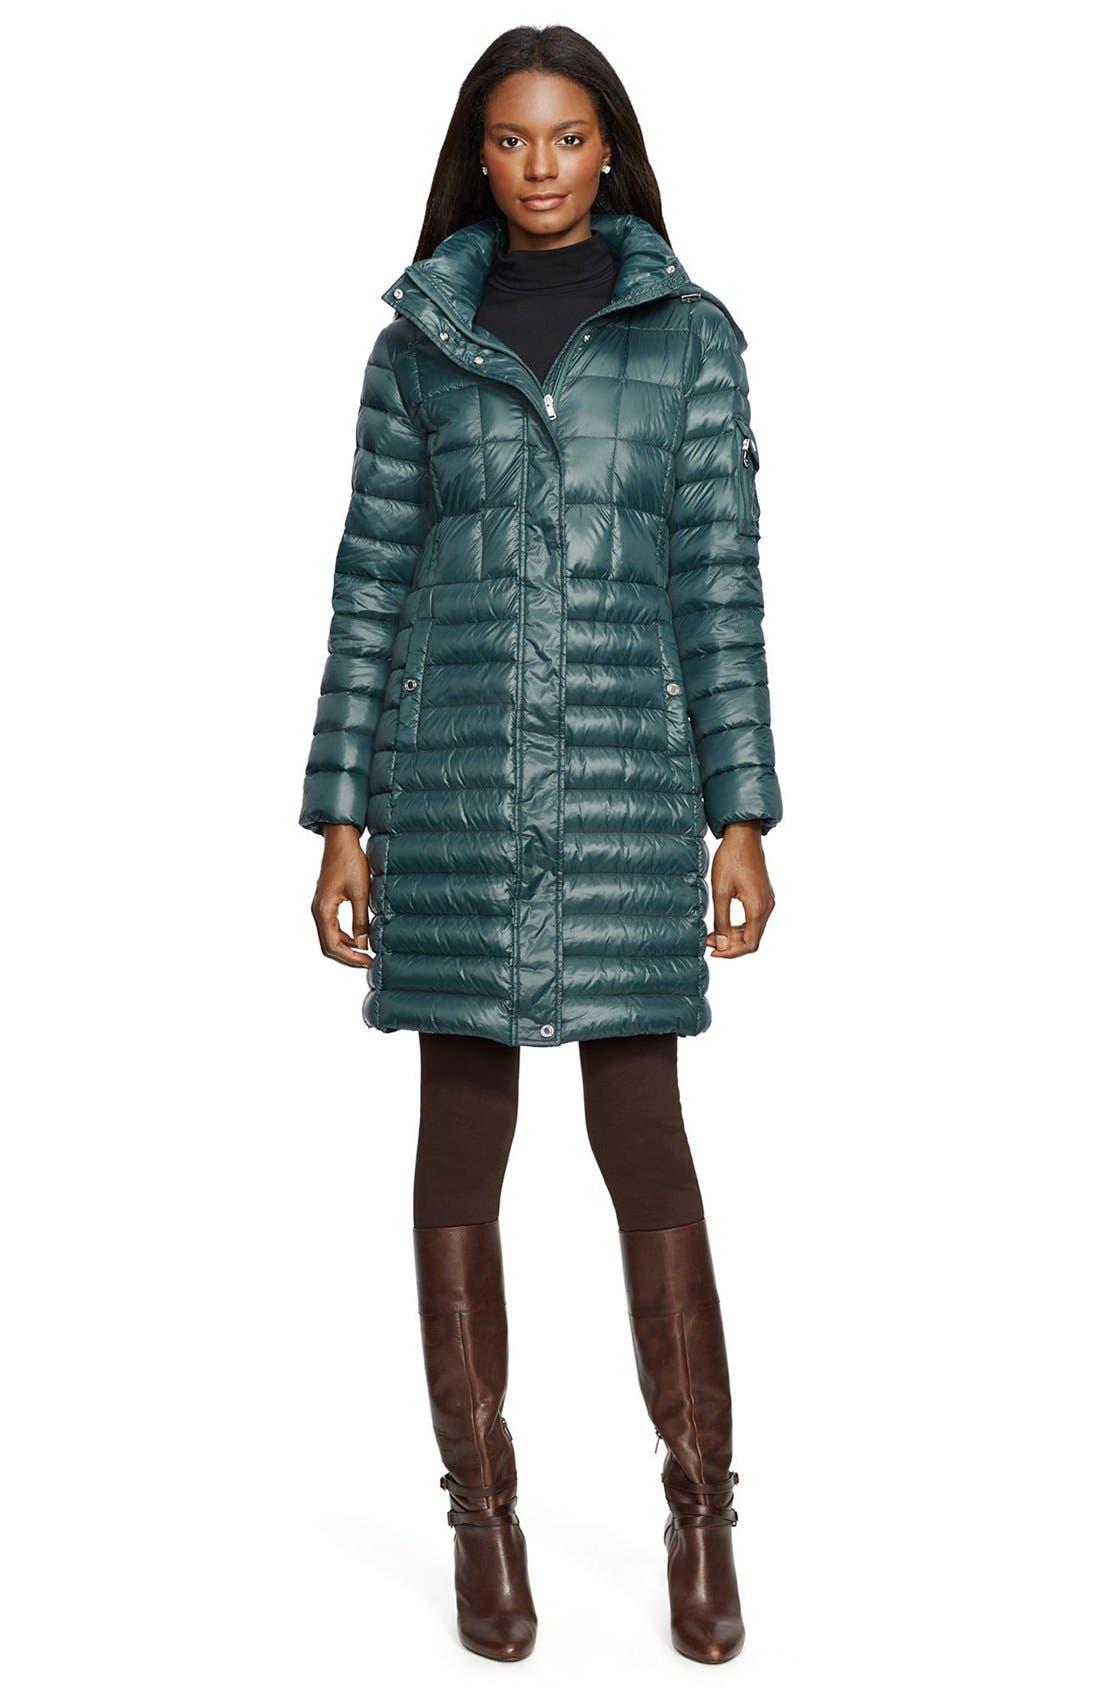 Main Image - Lauren Ralph Lauren Combo Quilt Packable Down Coat with Removable Hood